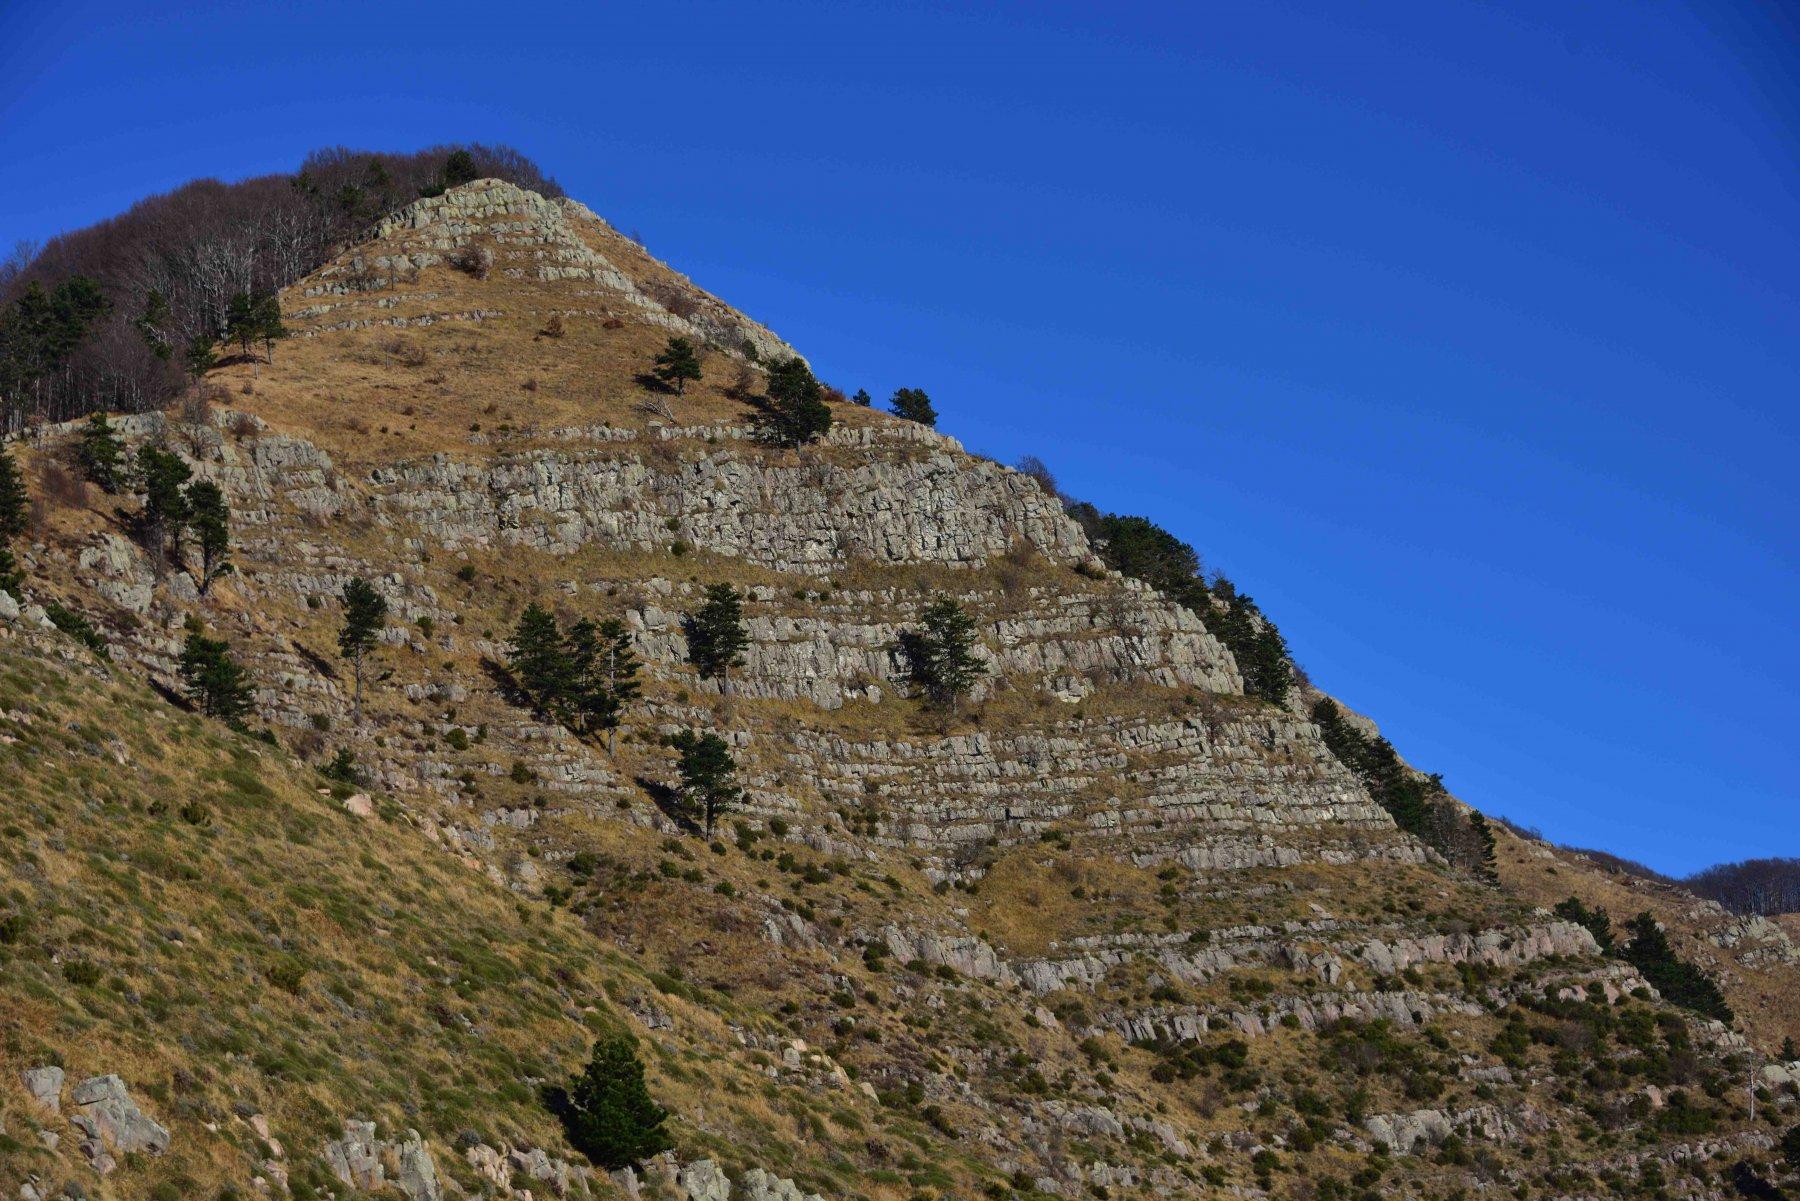 Il monte Zatta di Ponente. A sinistra la cresta di salita.